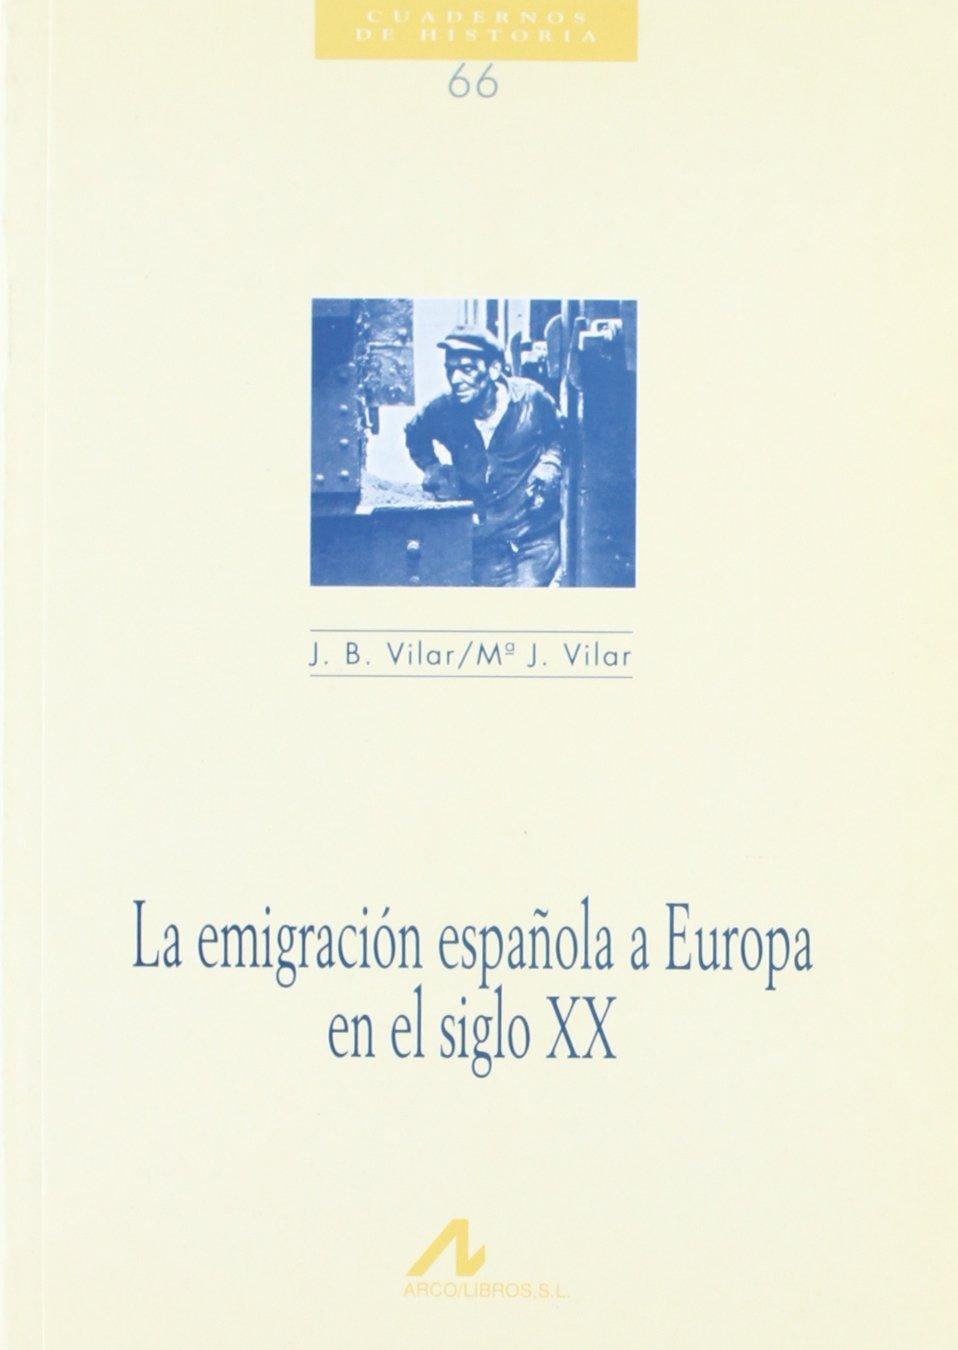 La emigración española a Europa en el siglo XX Cuadernos de historia de Juan Bautista Vilar 1999 Tapa blanda: Amazon.es: Libros